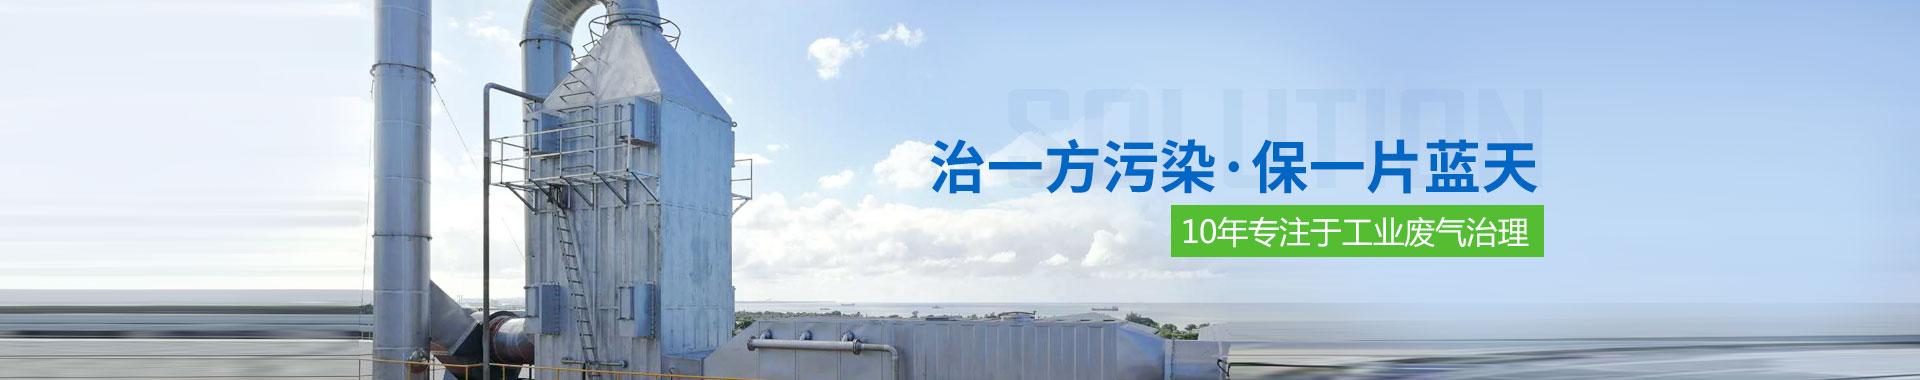 保蓝机械:治一方污染 · 保一片蓝天